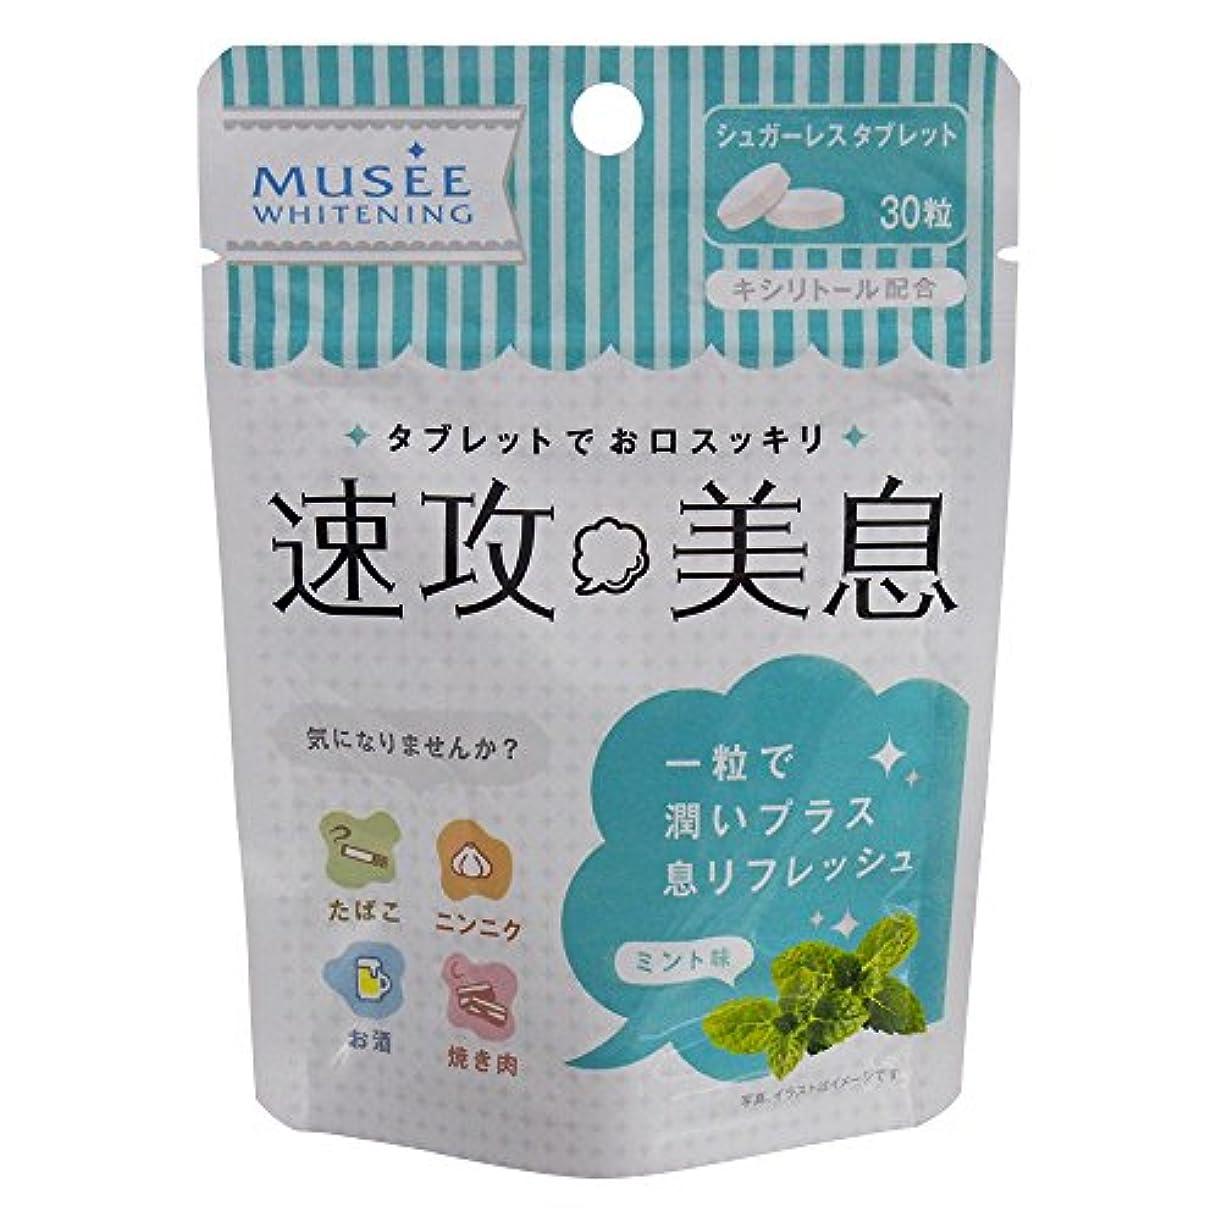 キャンバス受け入れる陽気なミュゼ 速攻美息 ミント味 (30粒)